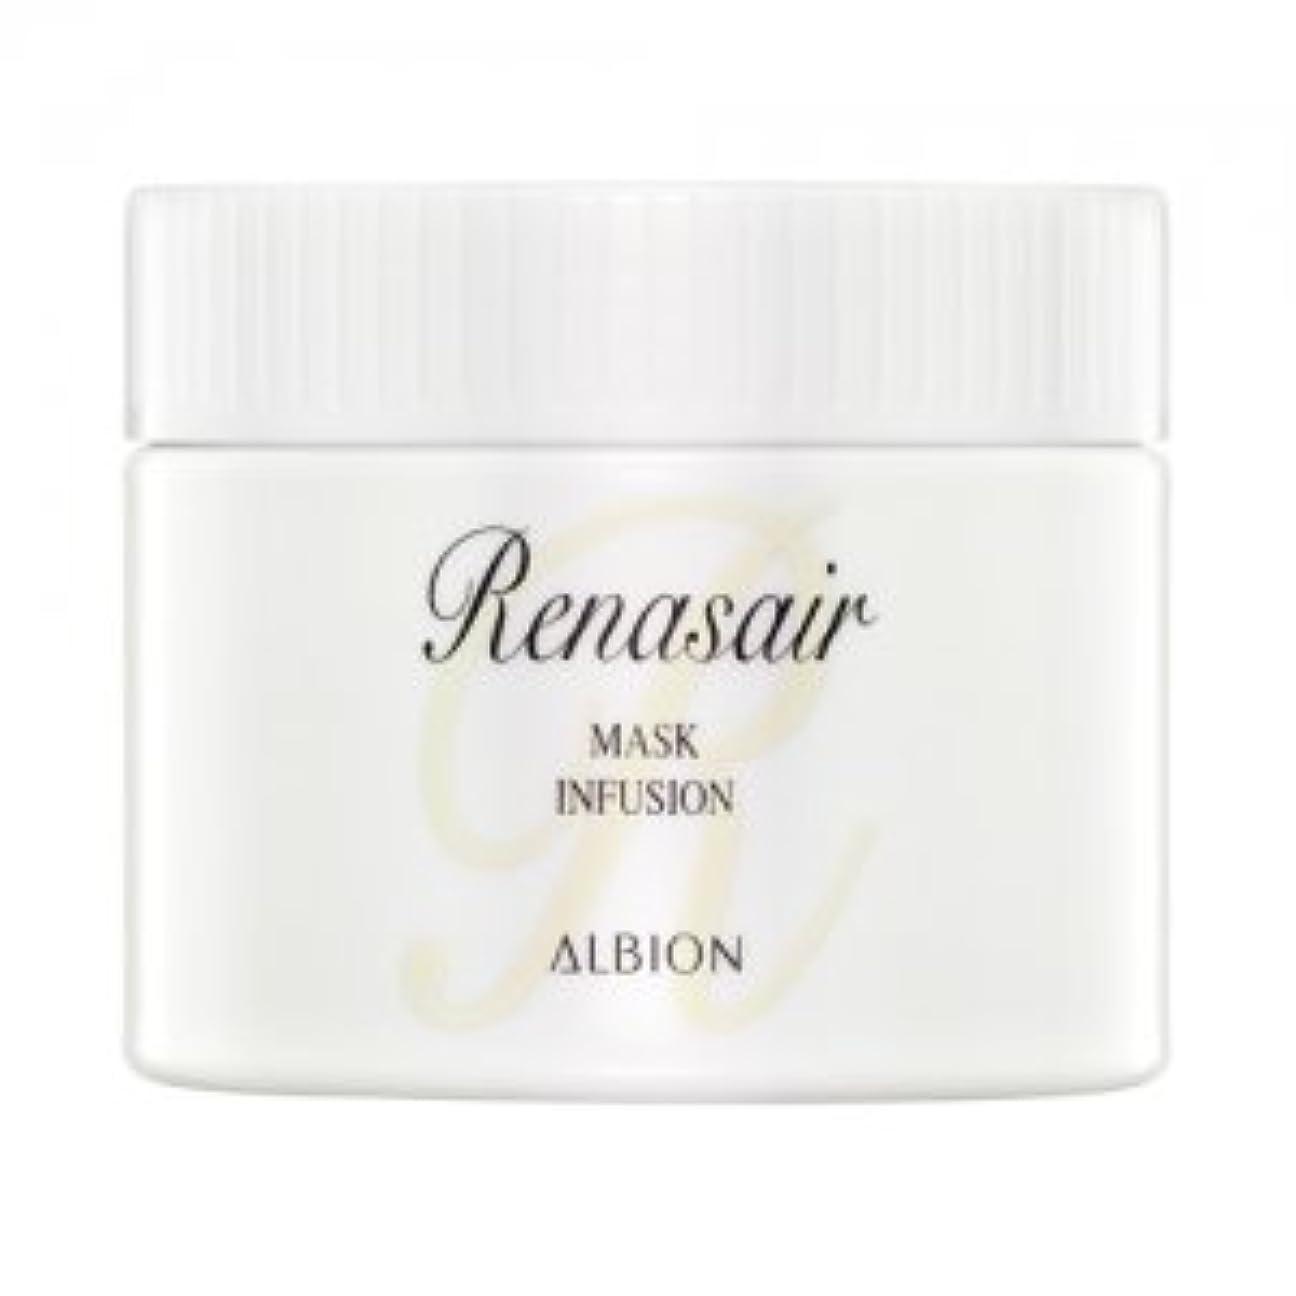 鎖大混乱スラダムアルビオン RENASAIR ルネセア マスク インフュージョン  280g